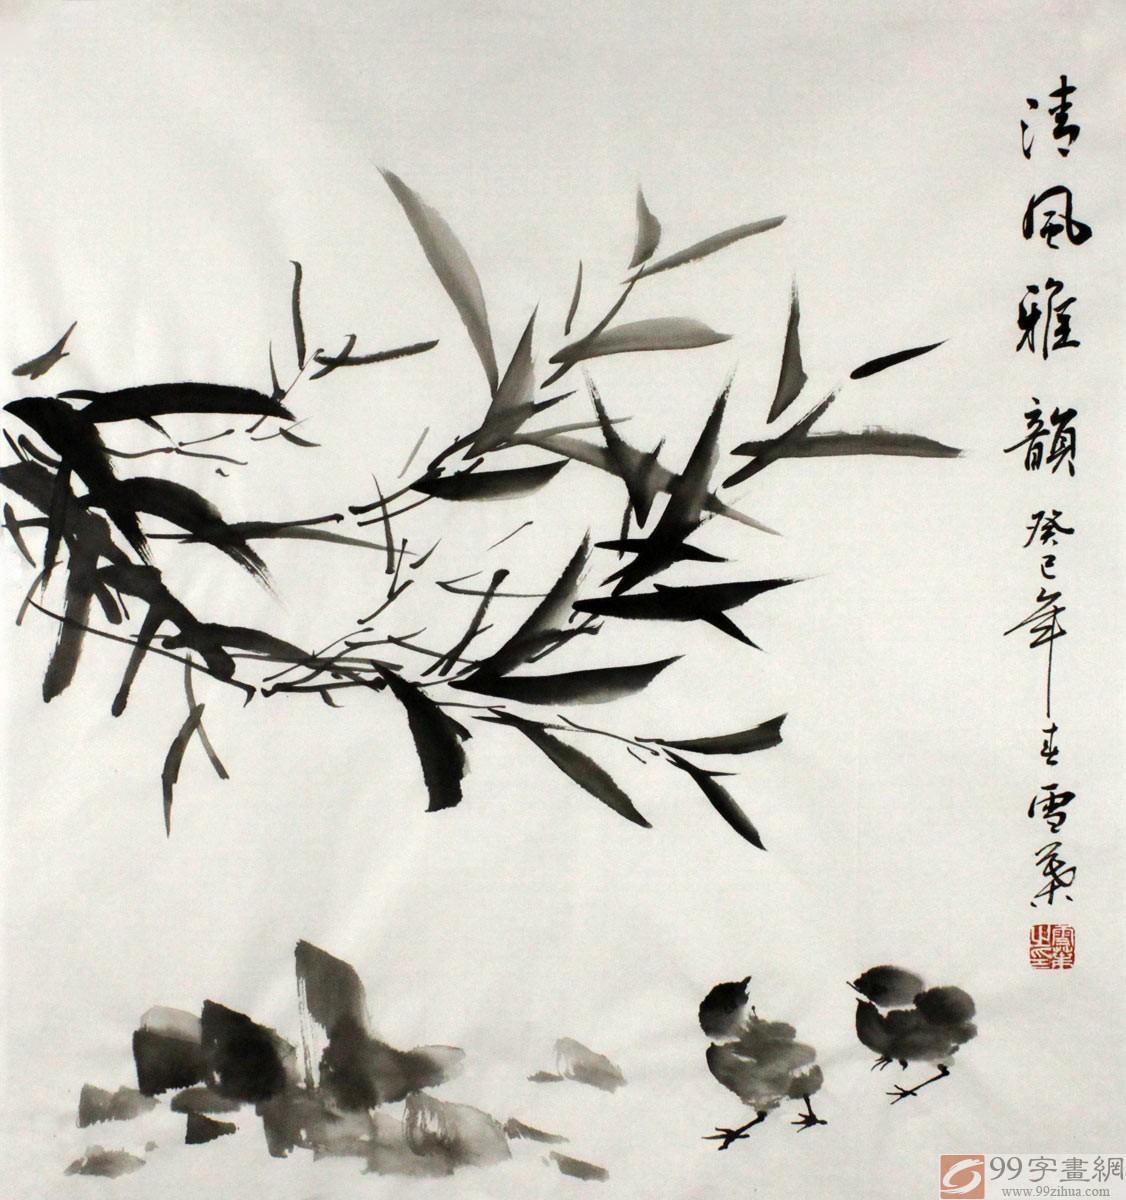 雪叶竹子小鸡吉祥国画清风雅韵 - 竹子画 - 99字画网